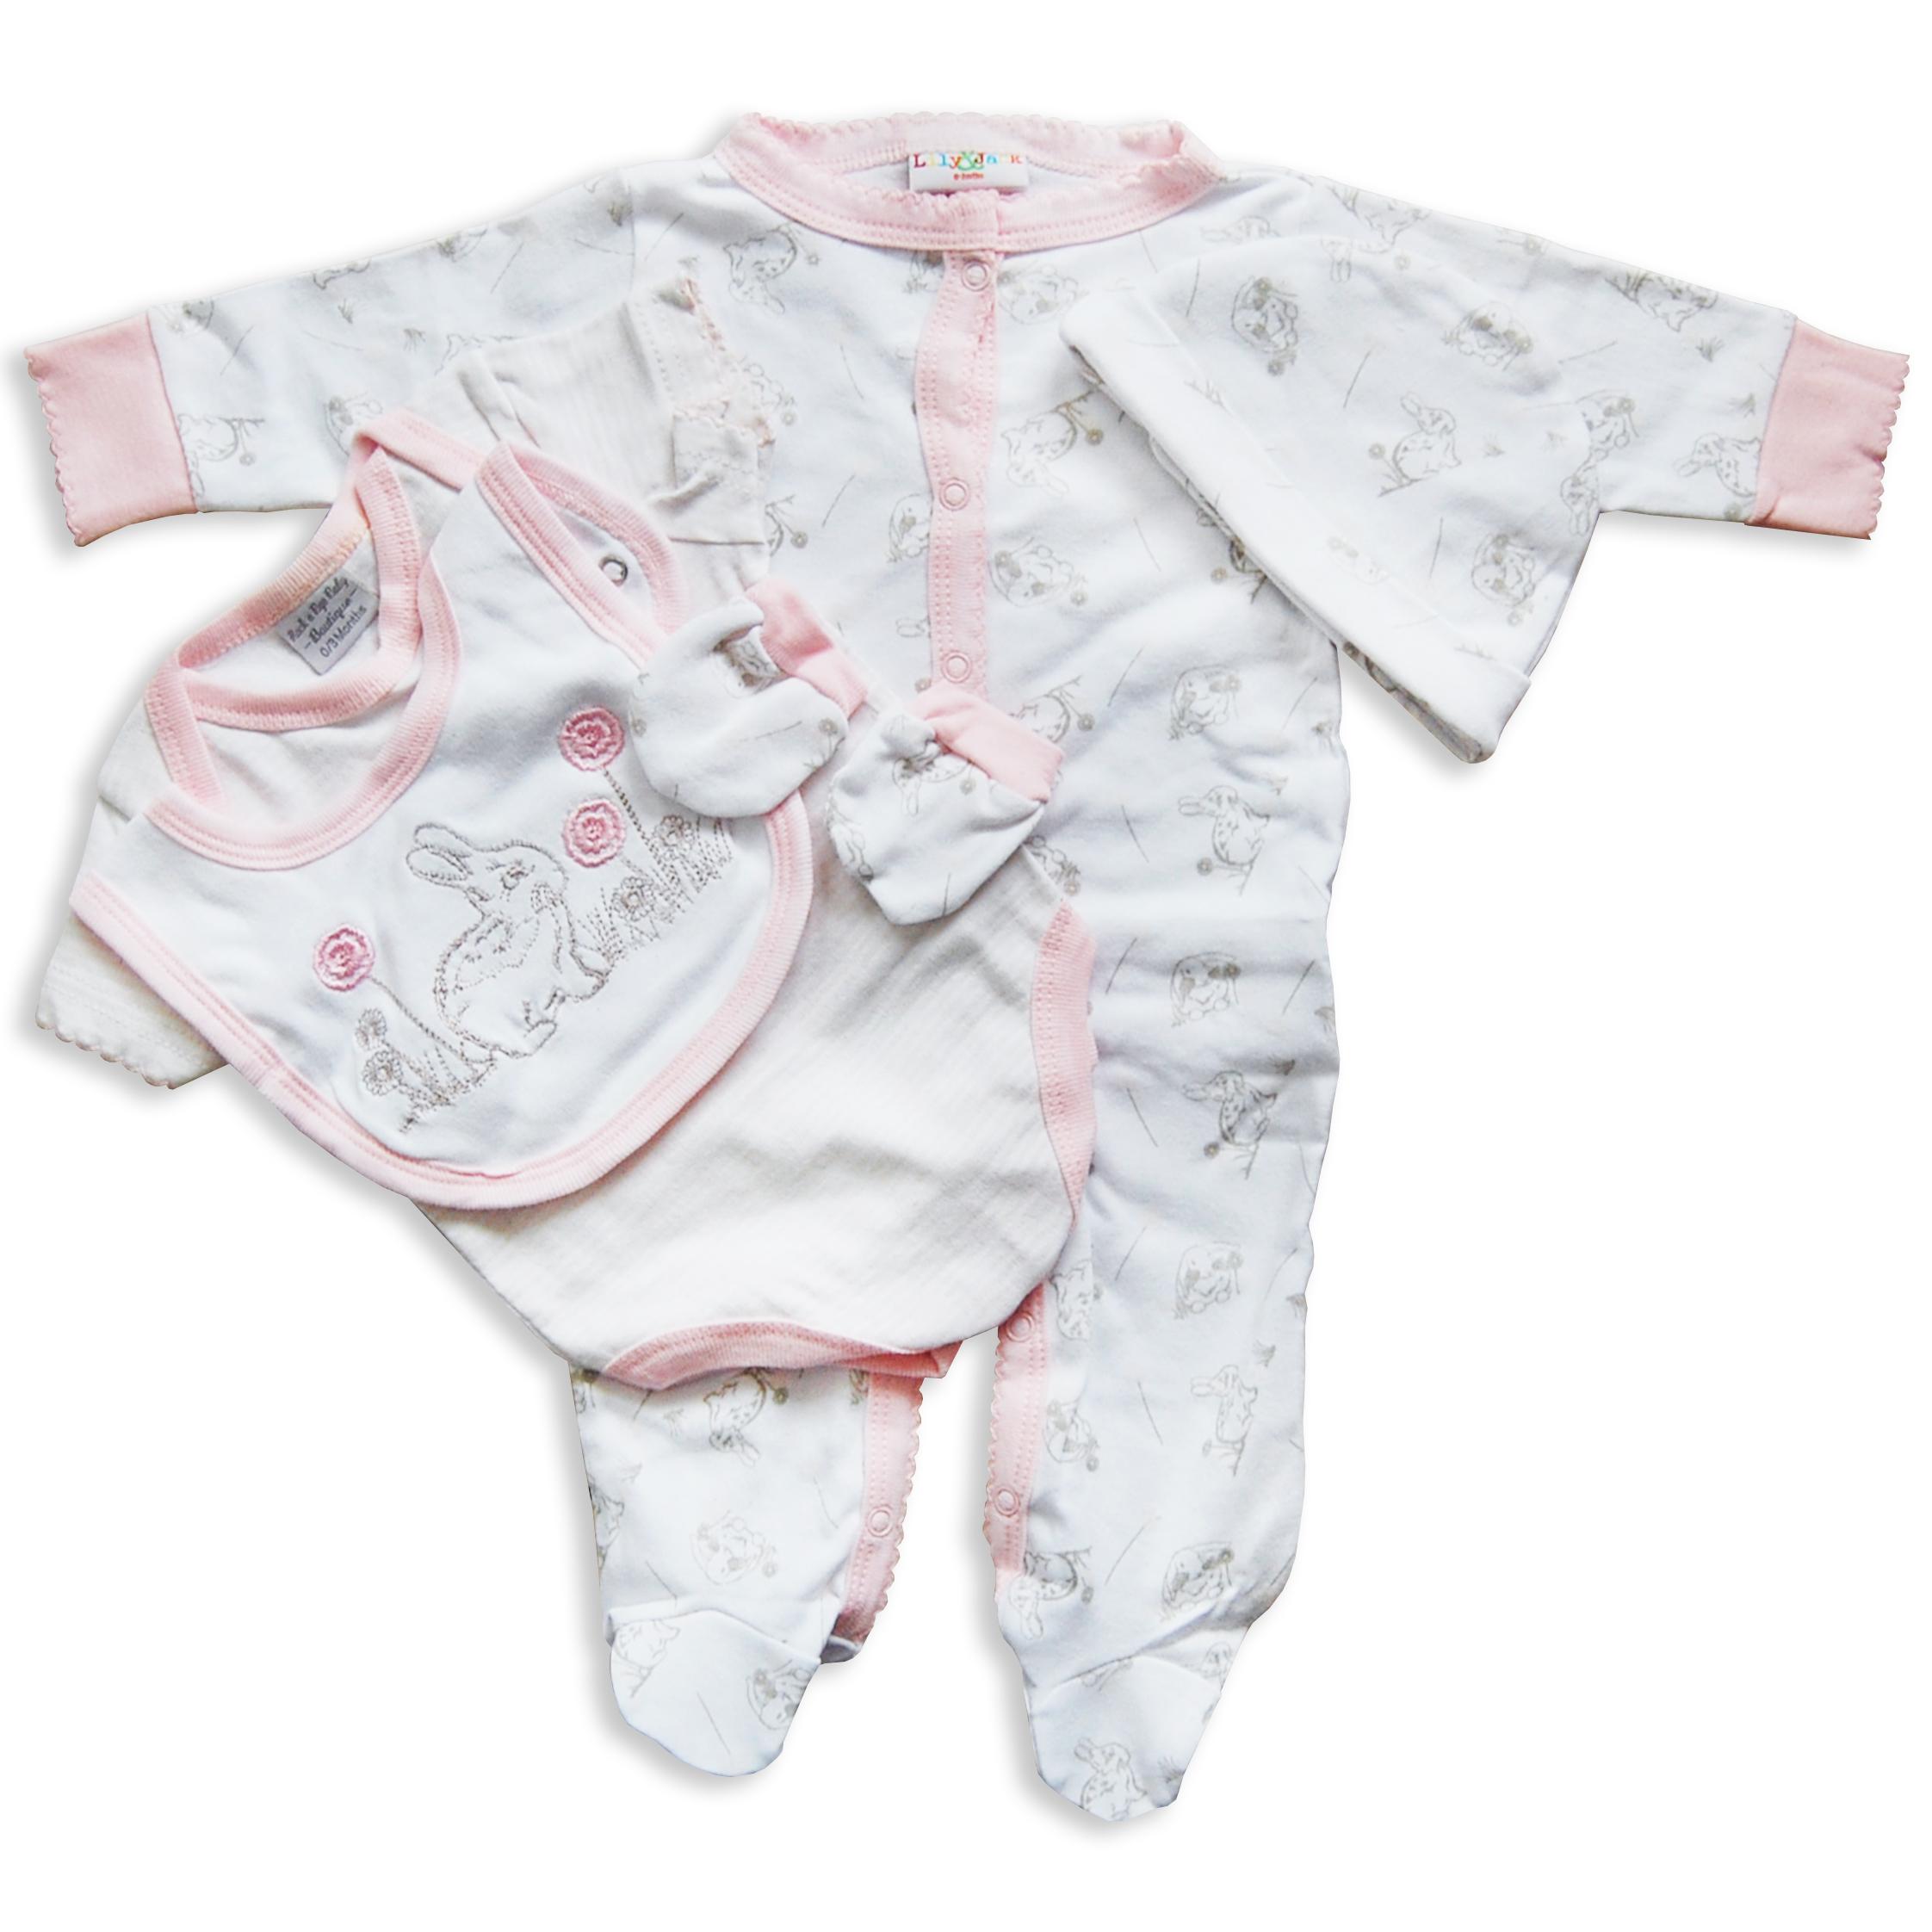 Baby Gift Set Luxury :